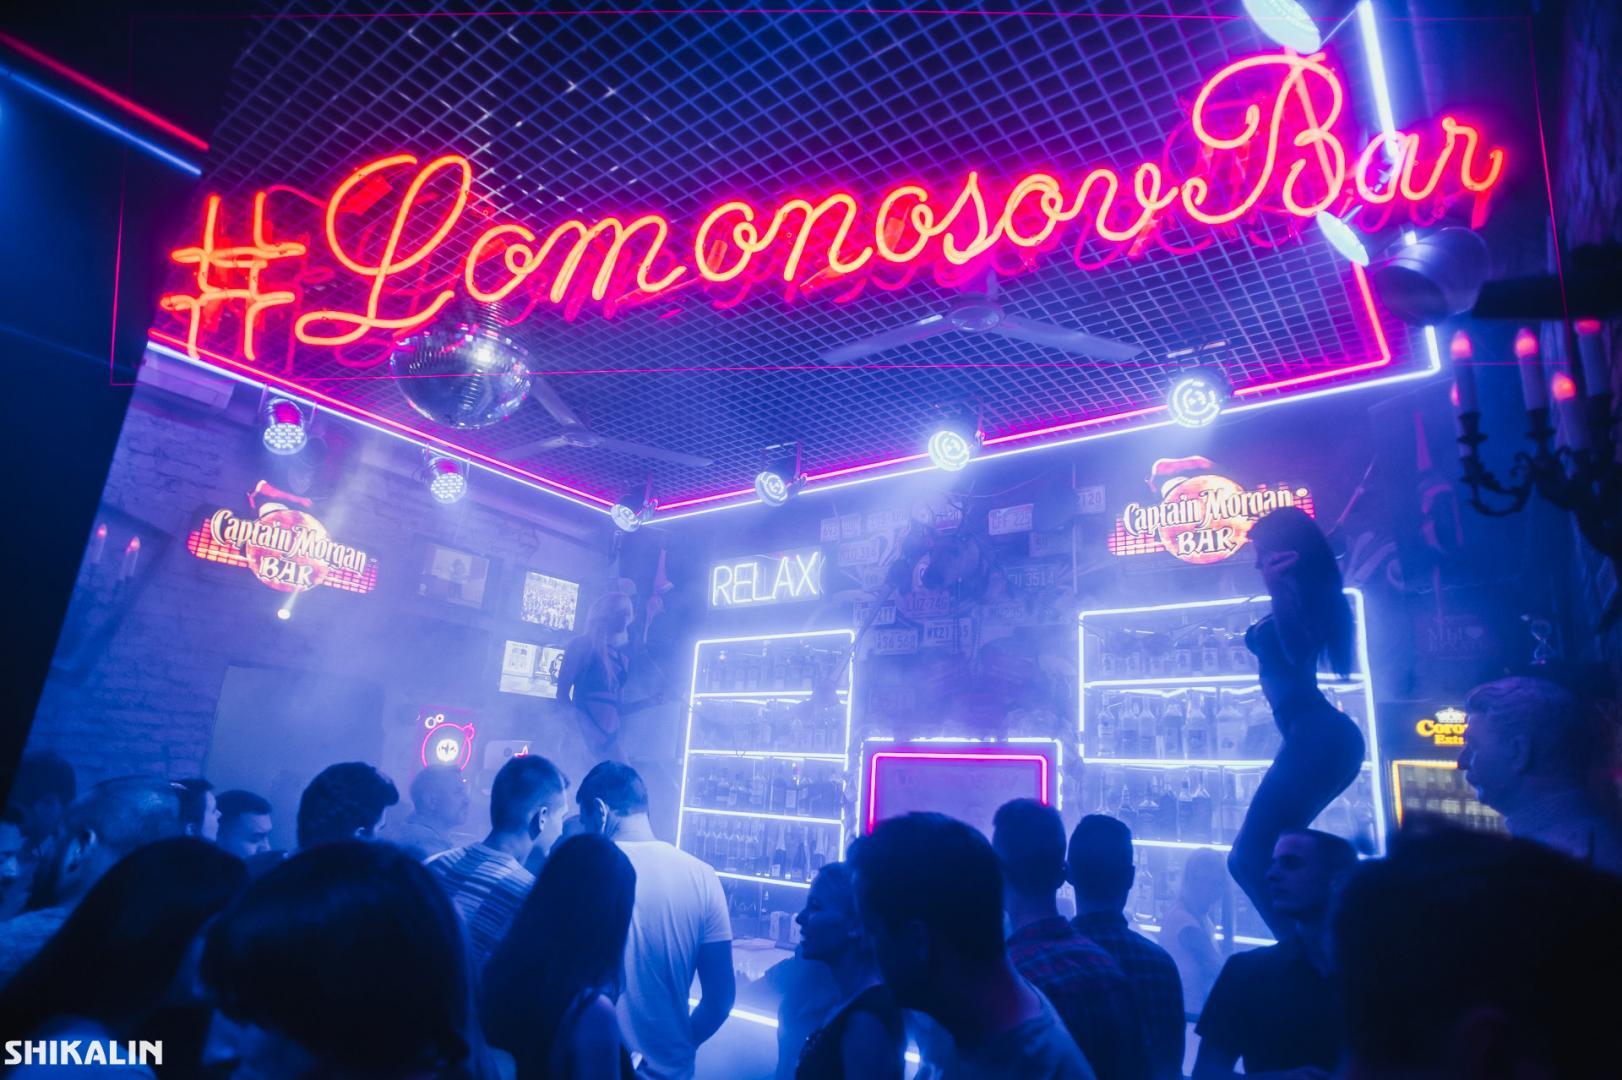 Ночные клубы спб рядом со мной ночной клуб стена в станице ленинградской